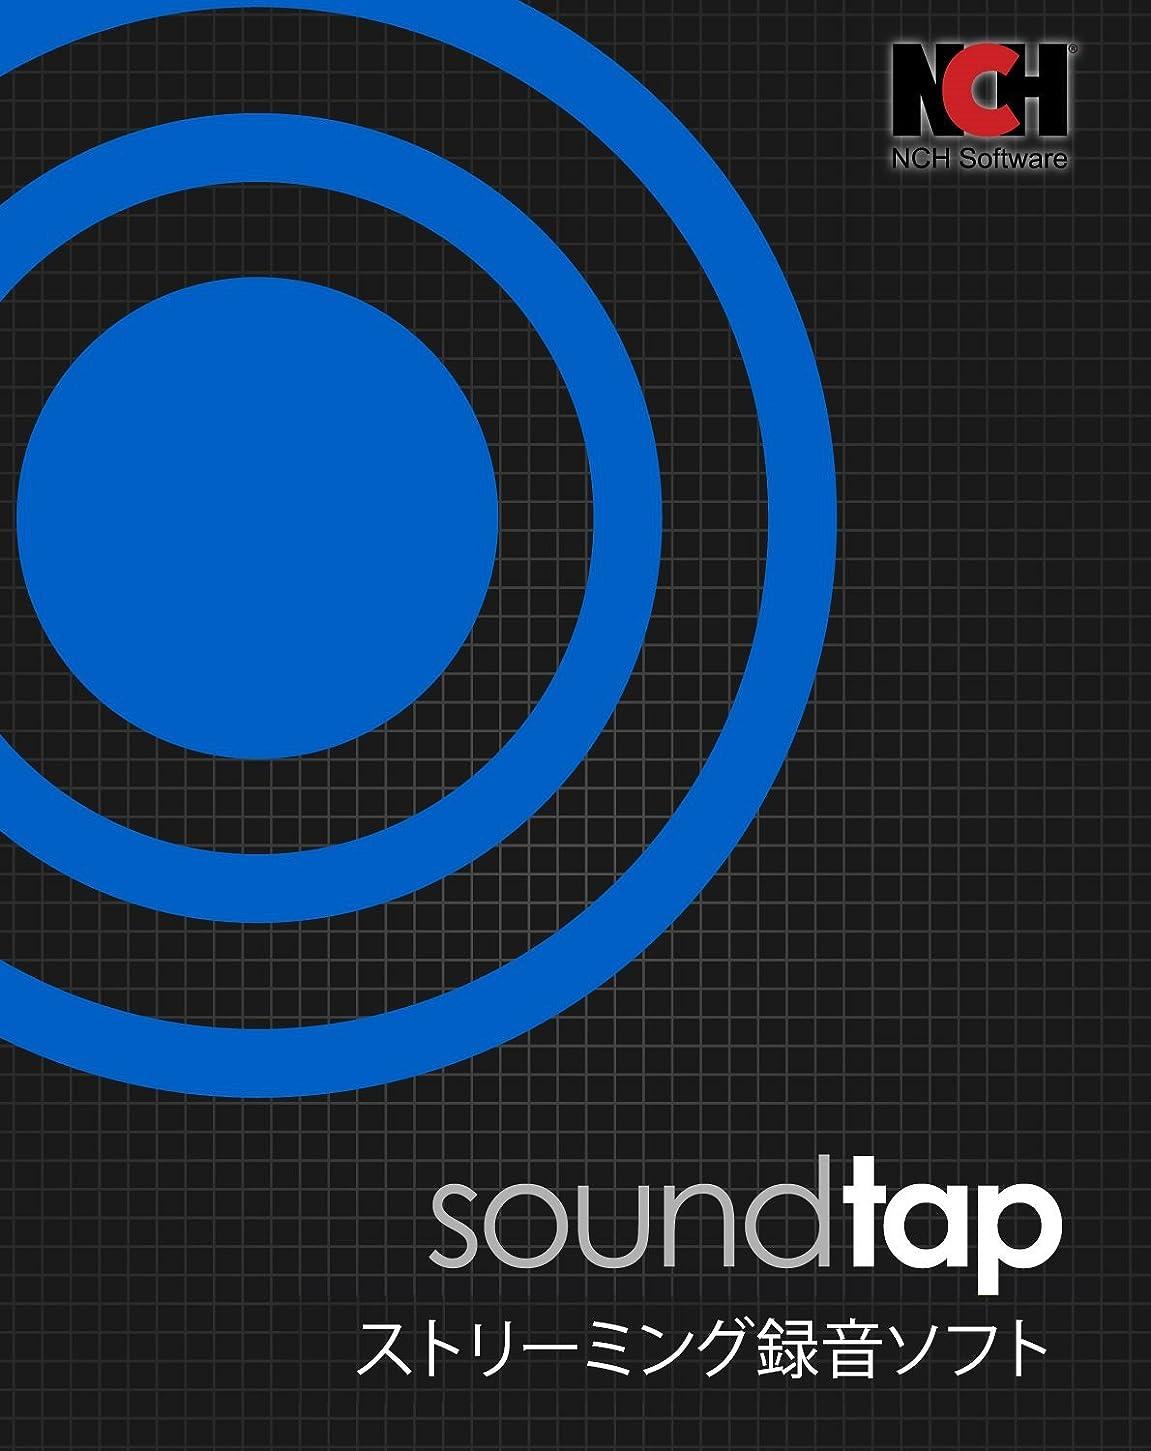 暴力的な合併改革SoundTapストリーミング録音ソフトMac版|ダウンロード版